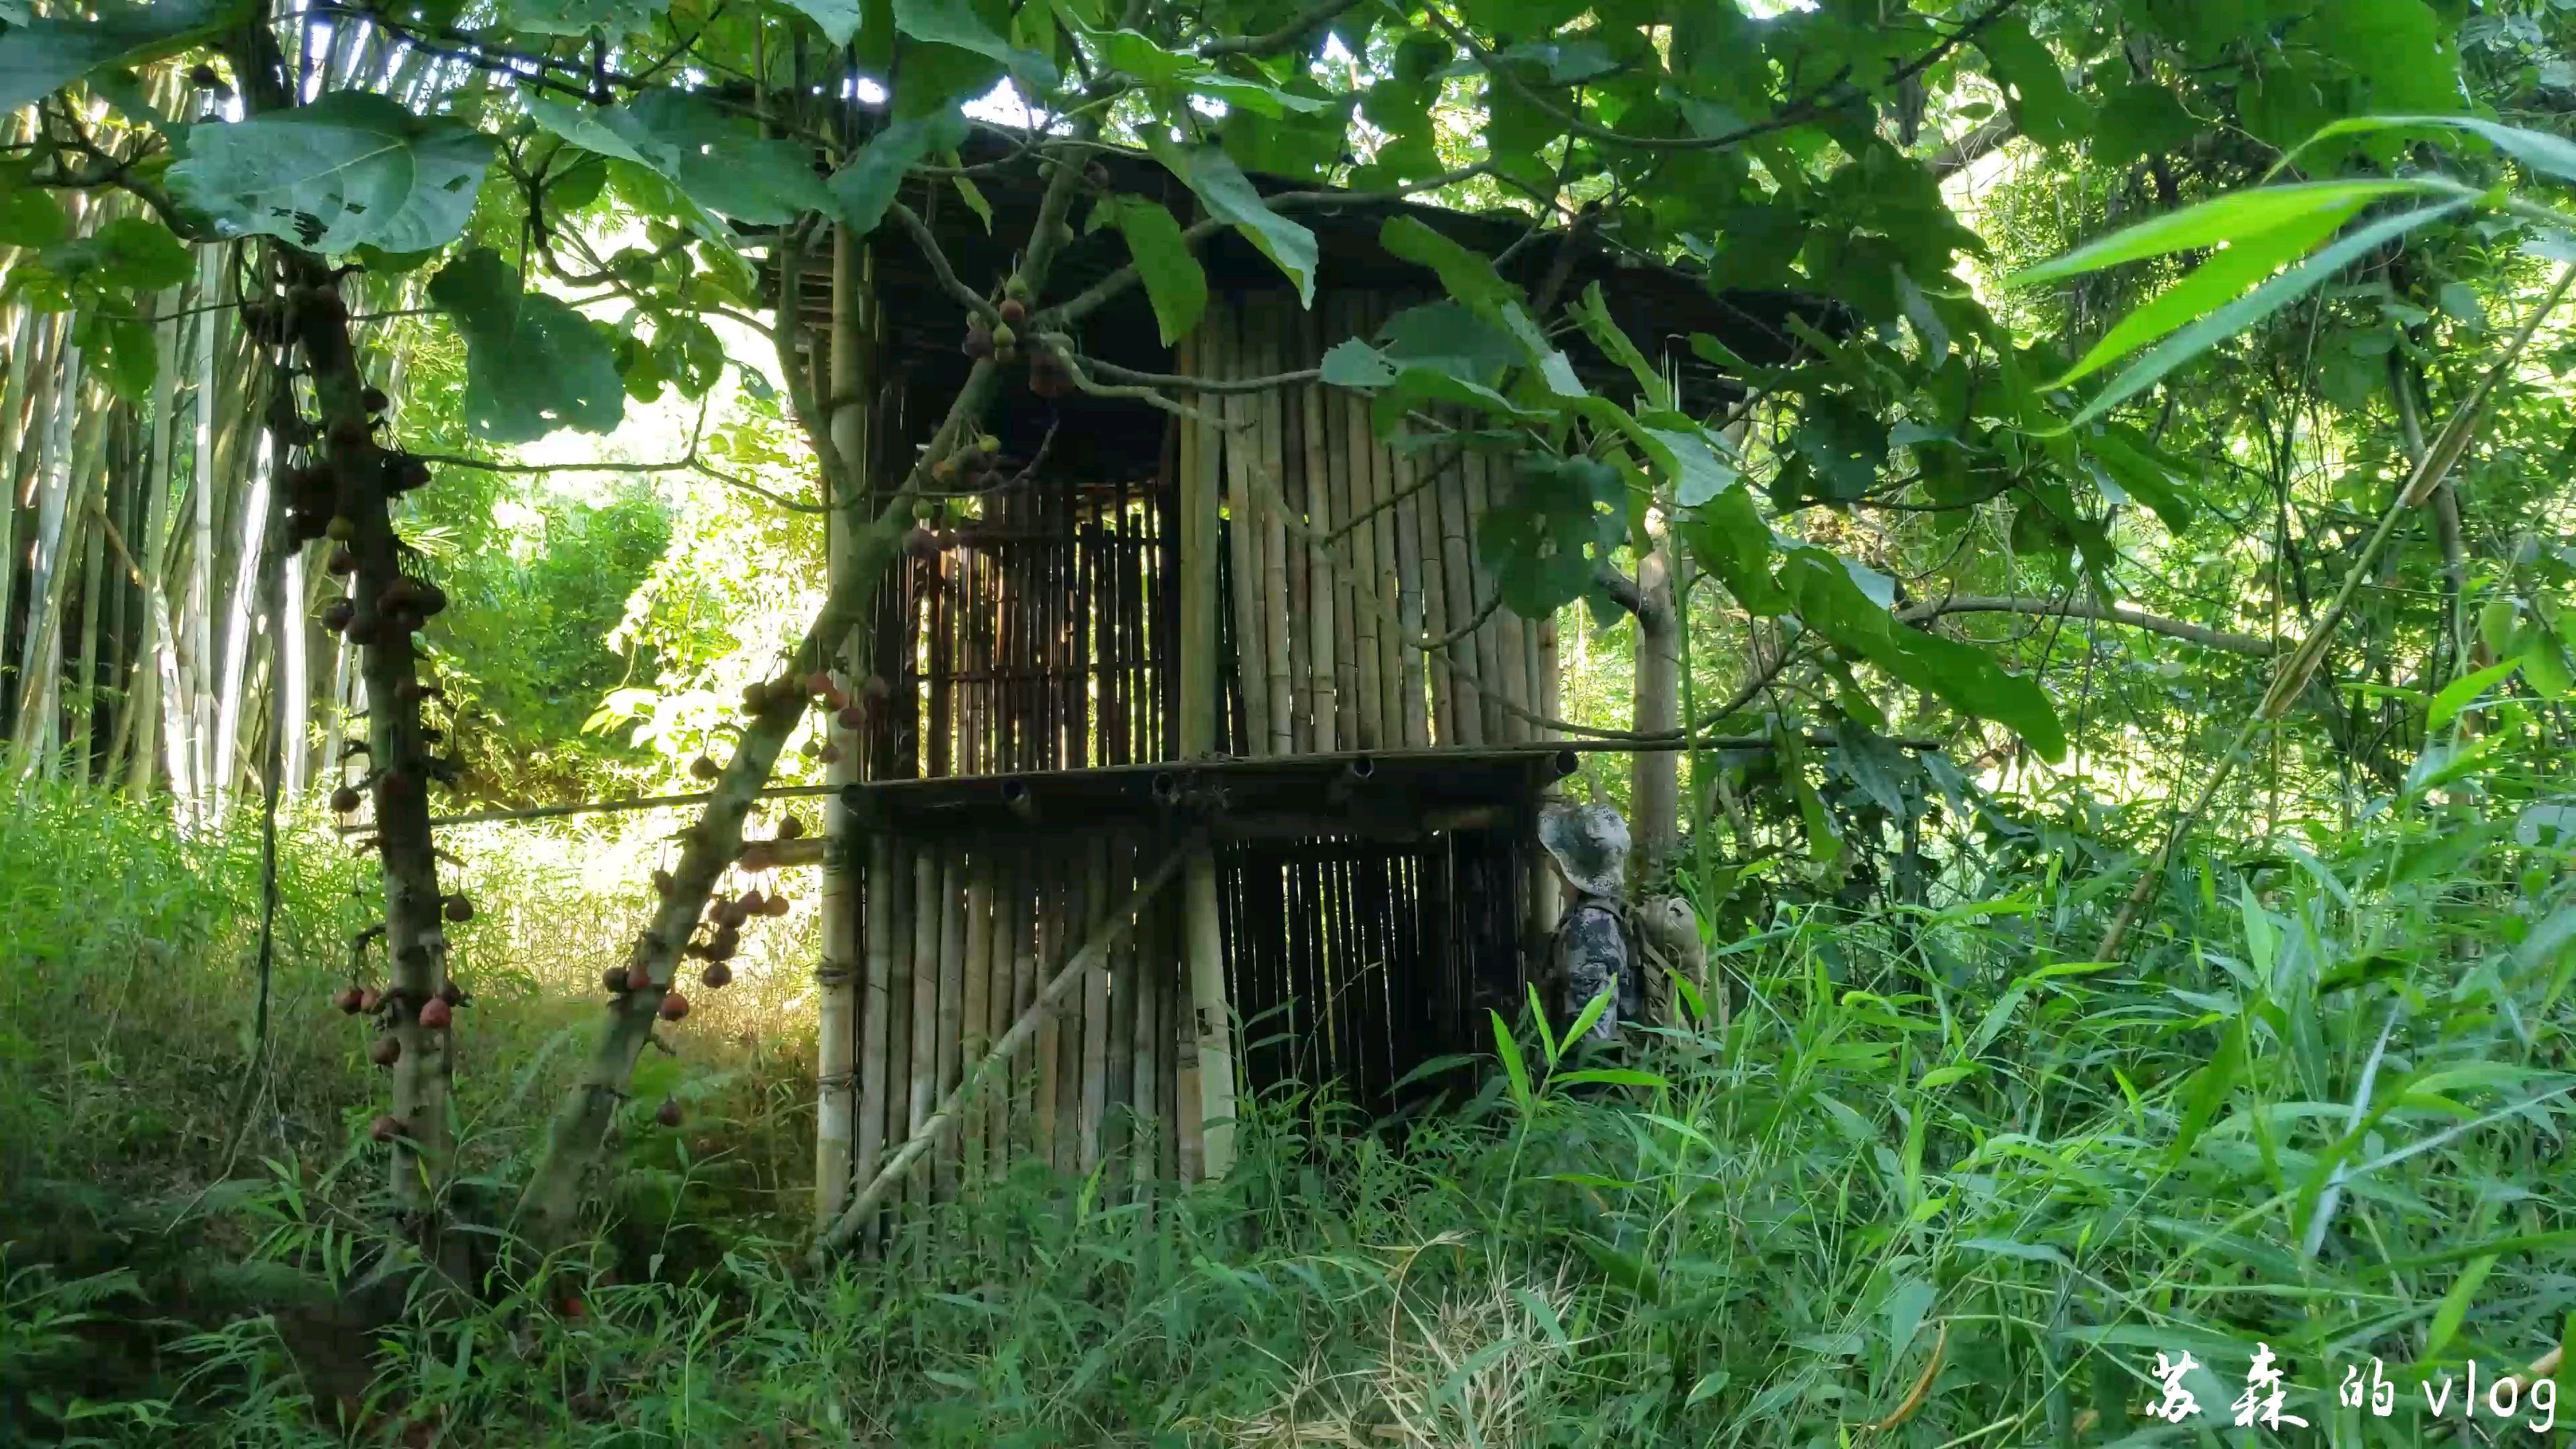 【AC独家】时隔两年,去看看以前盖的竹屋如何了